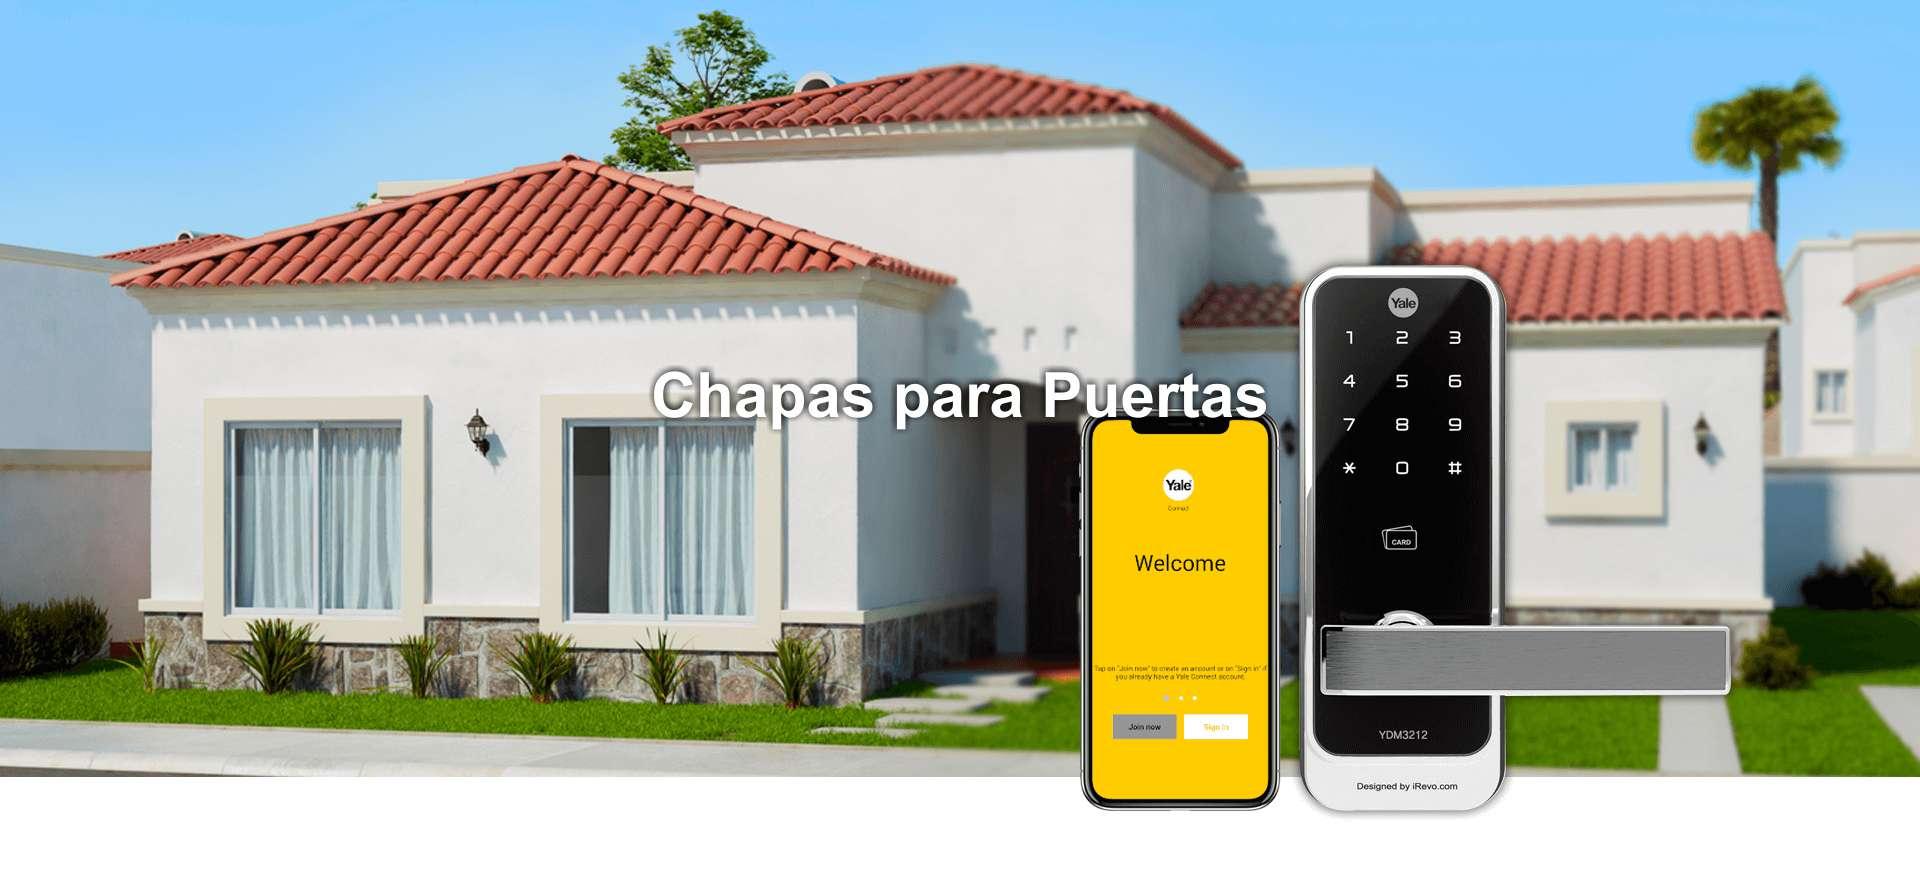 Chapas y Cerraduras Electrónicas para Puertas en Ixtapa Zihuatanejo, Guerrero y Lázaro Cárdenas, Michoacán